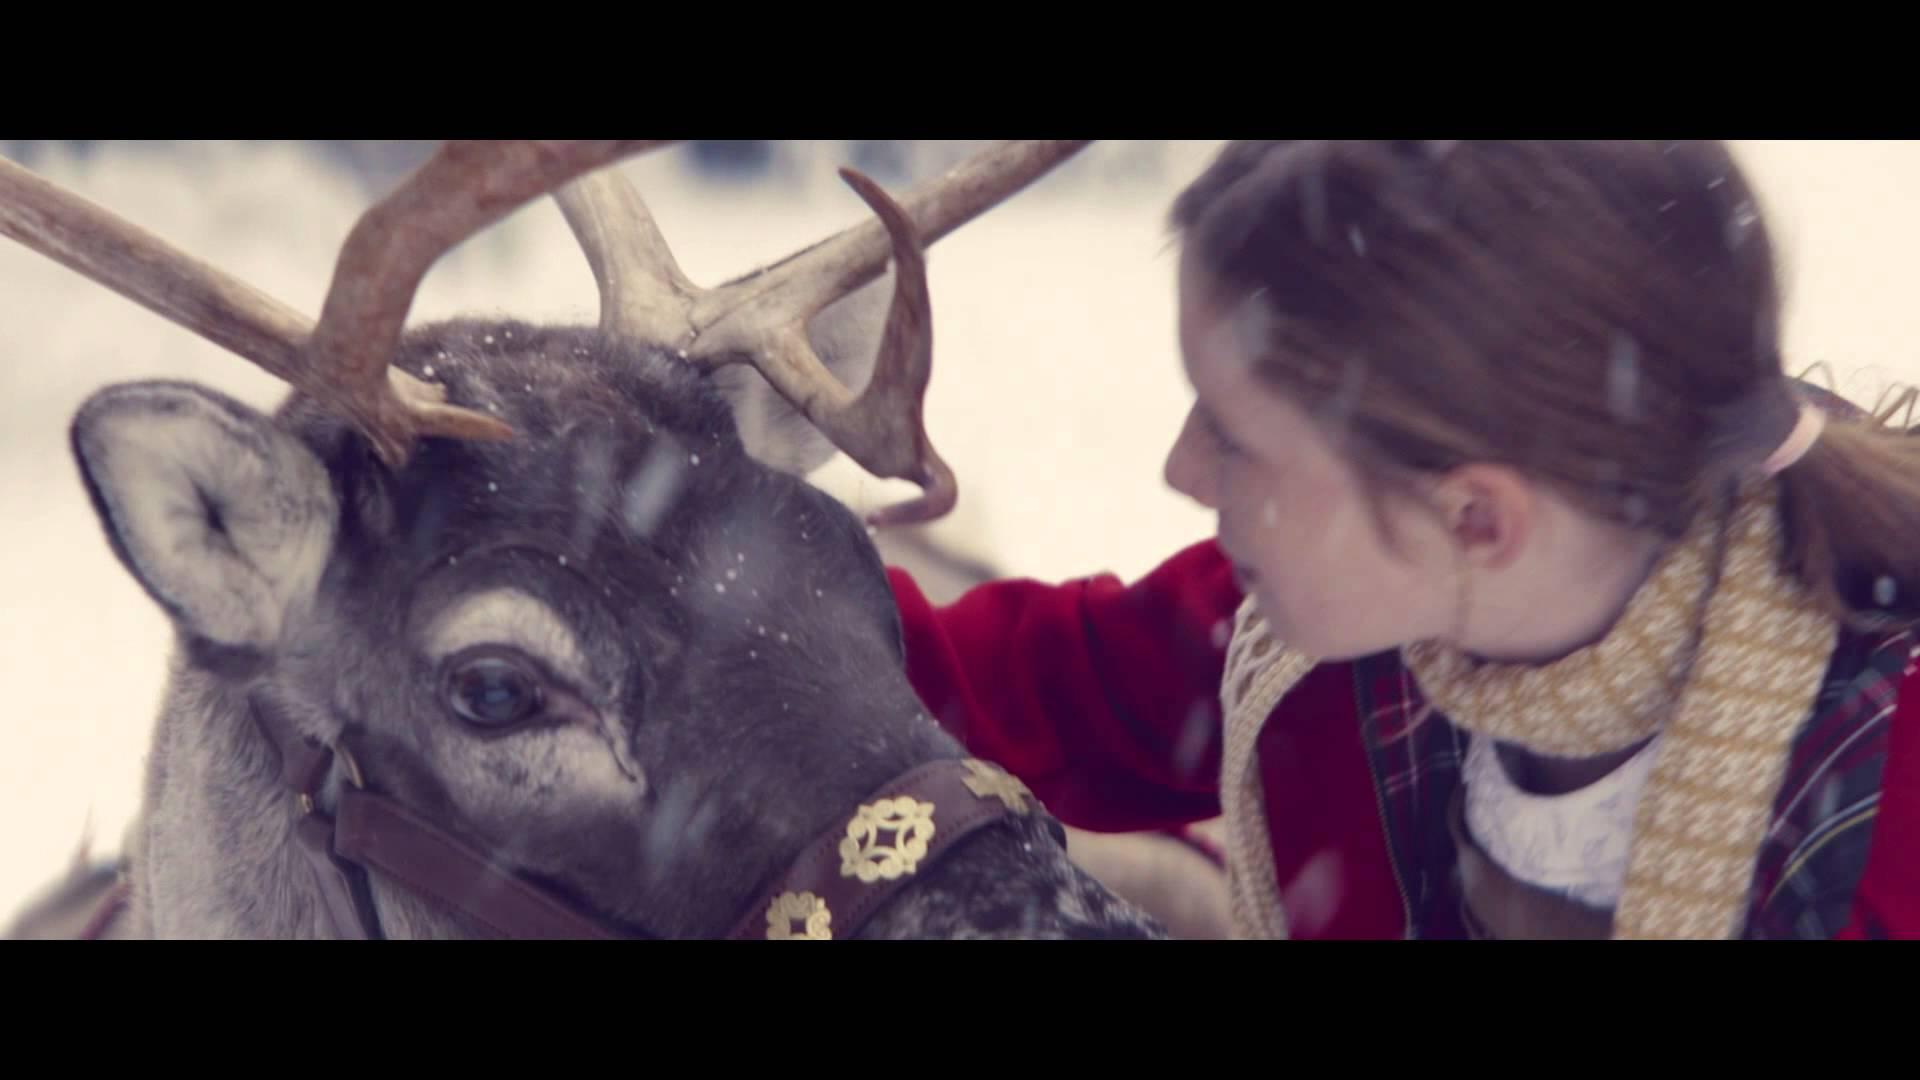 Weihnachten 2015 – Musikvideo: Es Truckli vou Liebi – Mit den Schwiizergoofe